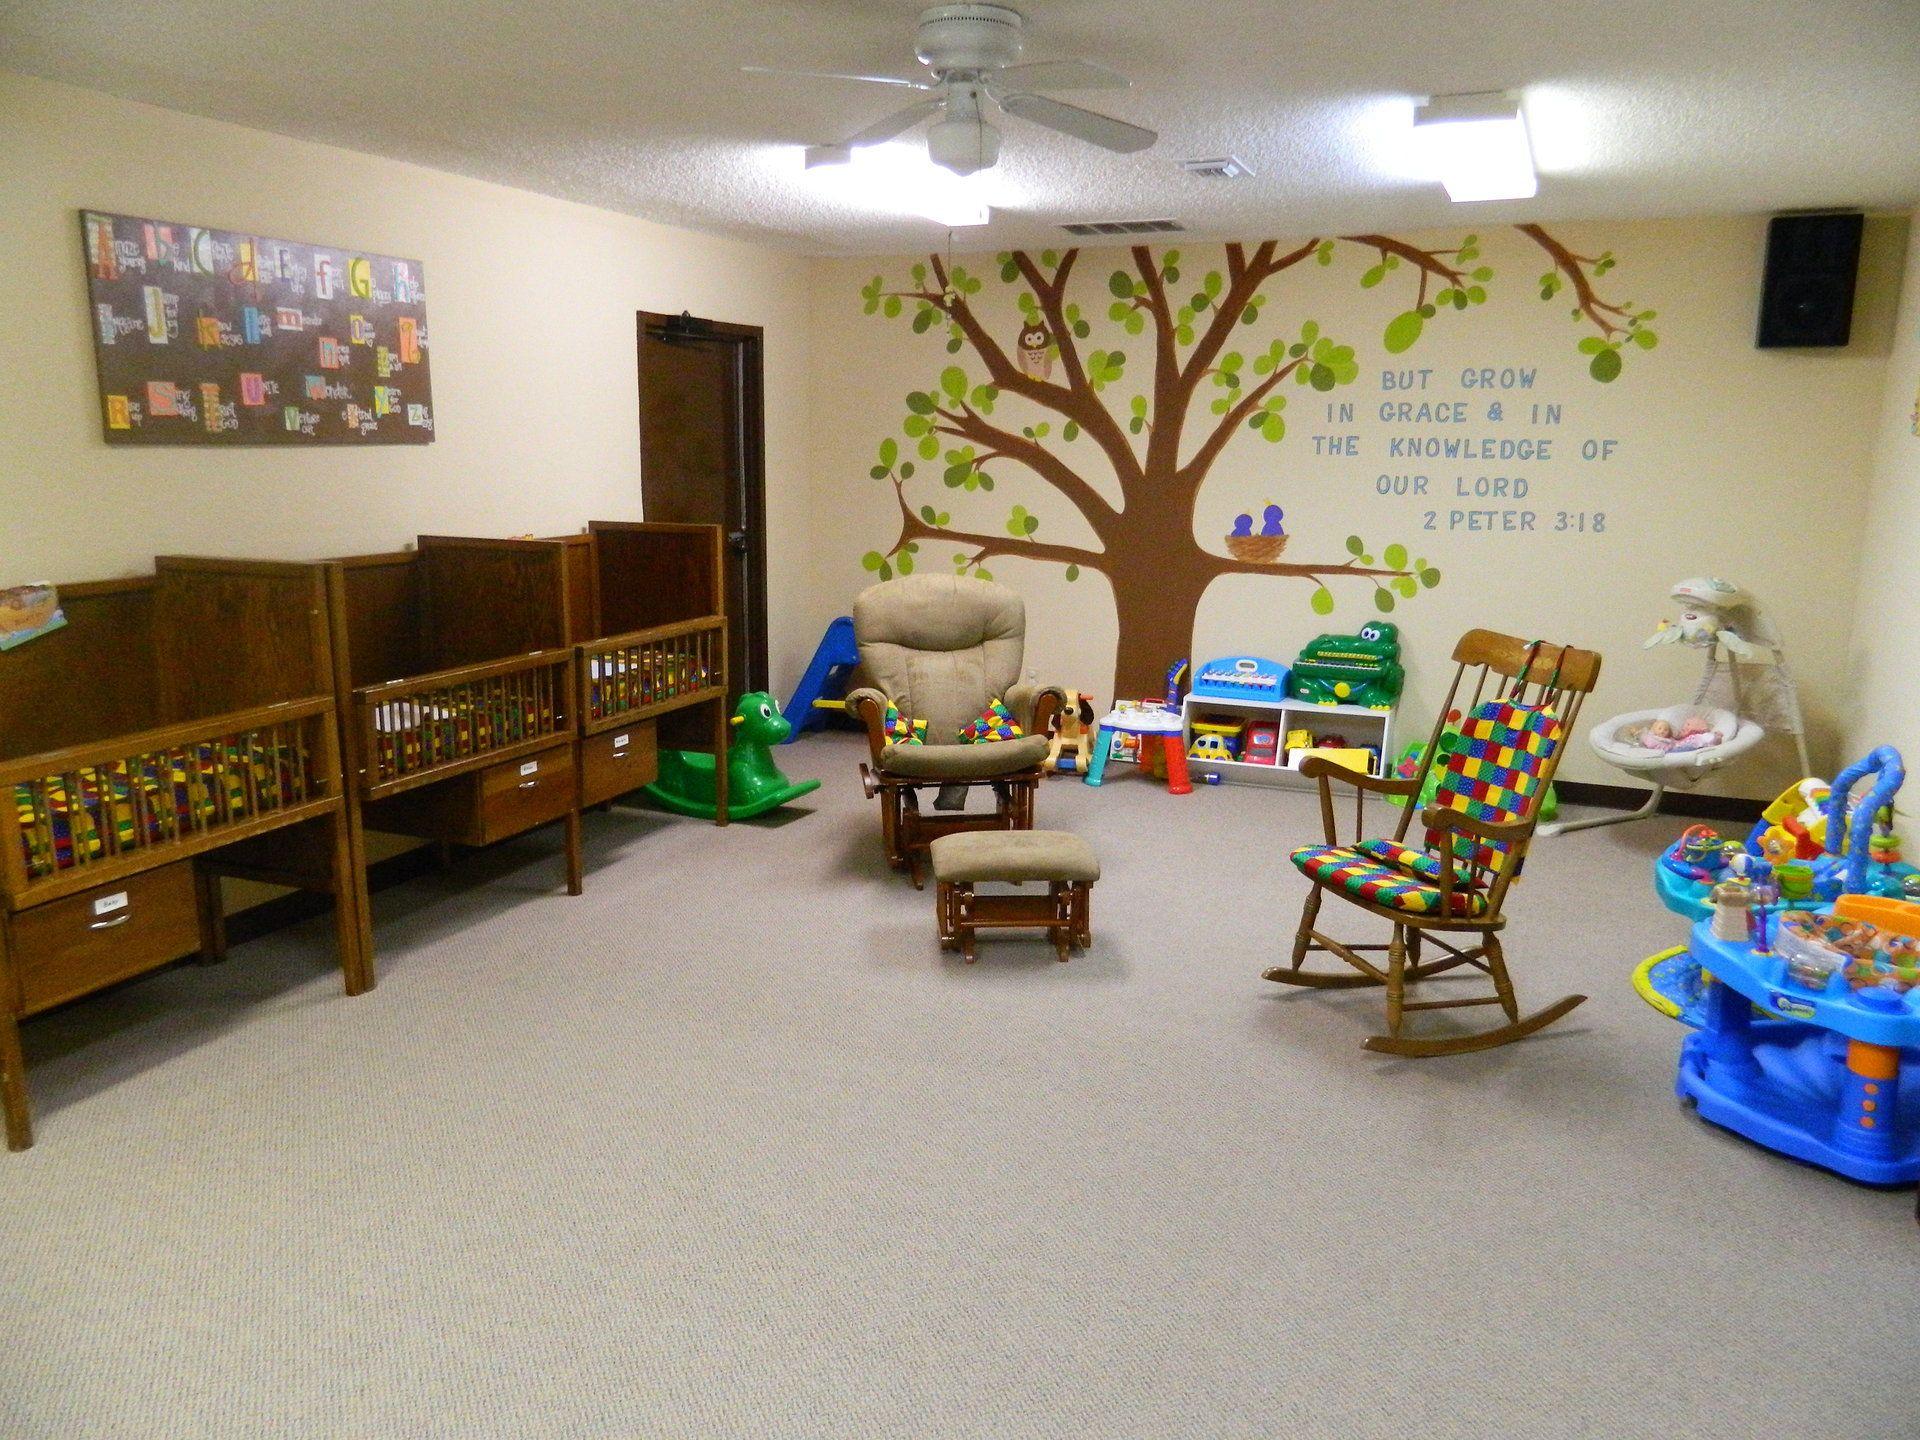 Church Nursery Ideas Decor In Arlington Texas